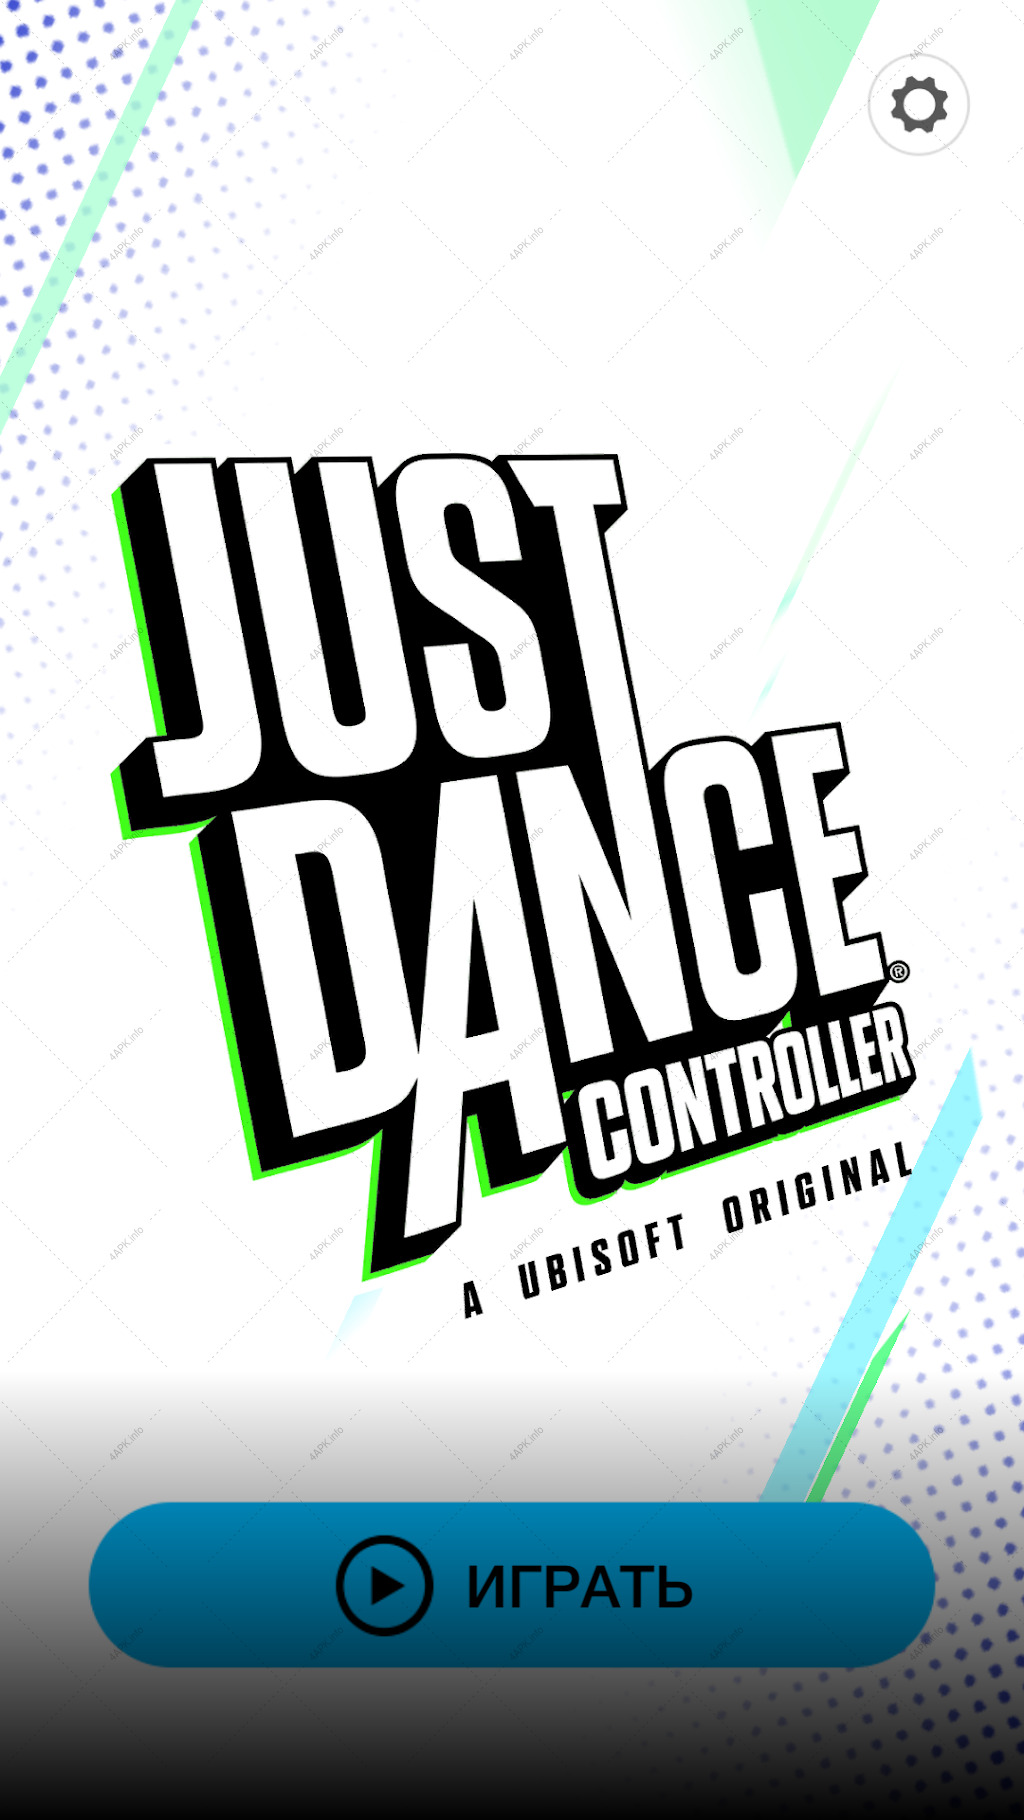 Just Dance Controller игра v 5 1 2 скачать APK для Android (Ubisoft